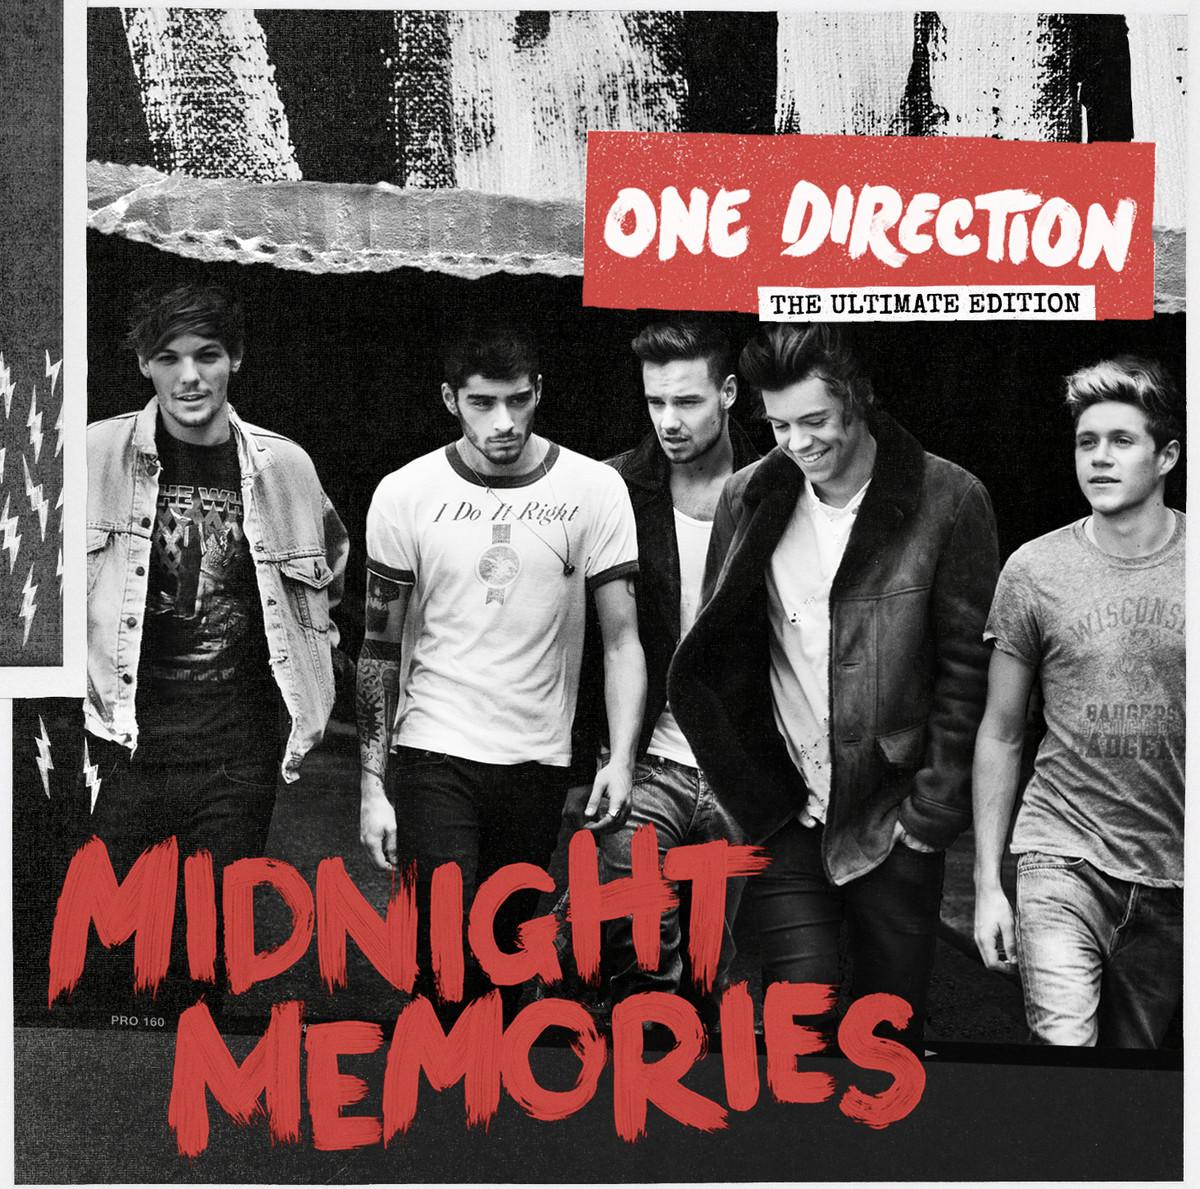 Midnight Memories (album)/Editions | One Direction Wiki | Fandom ...